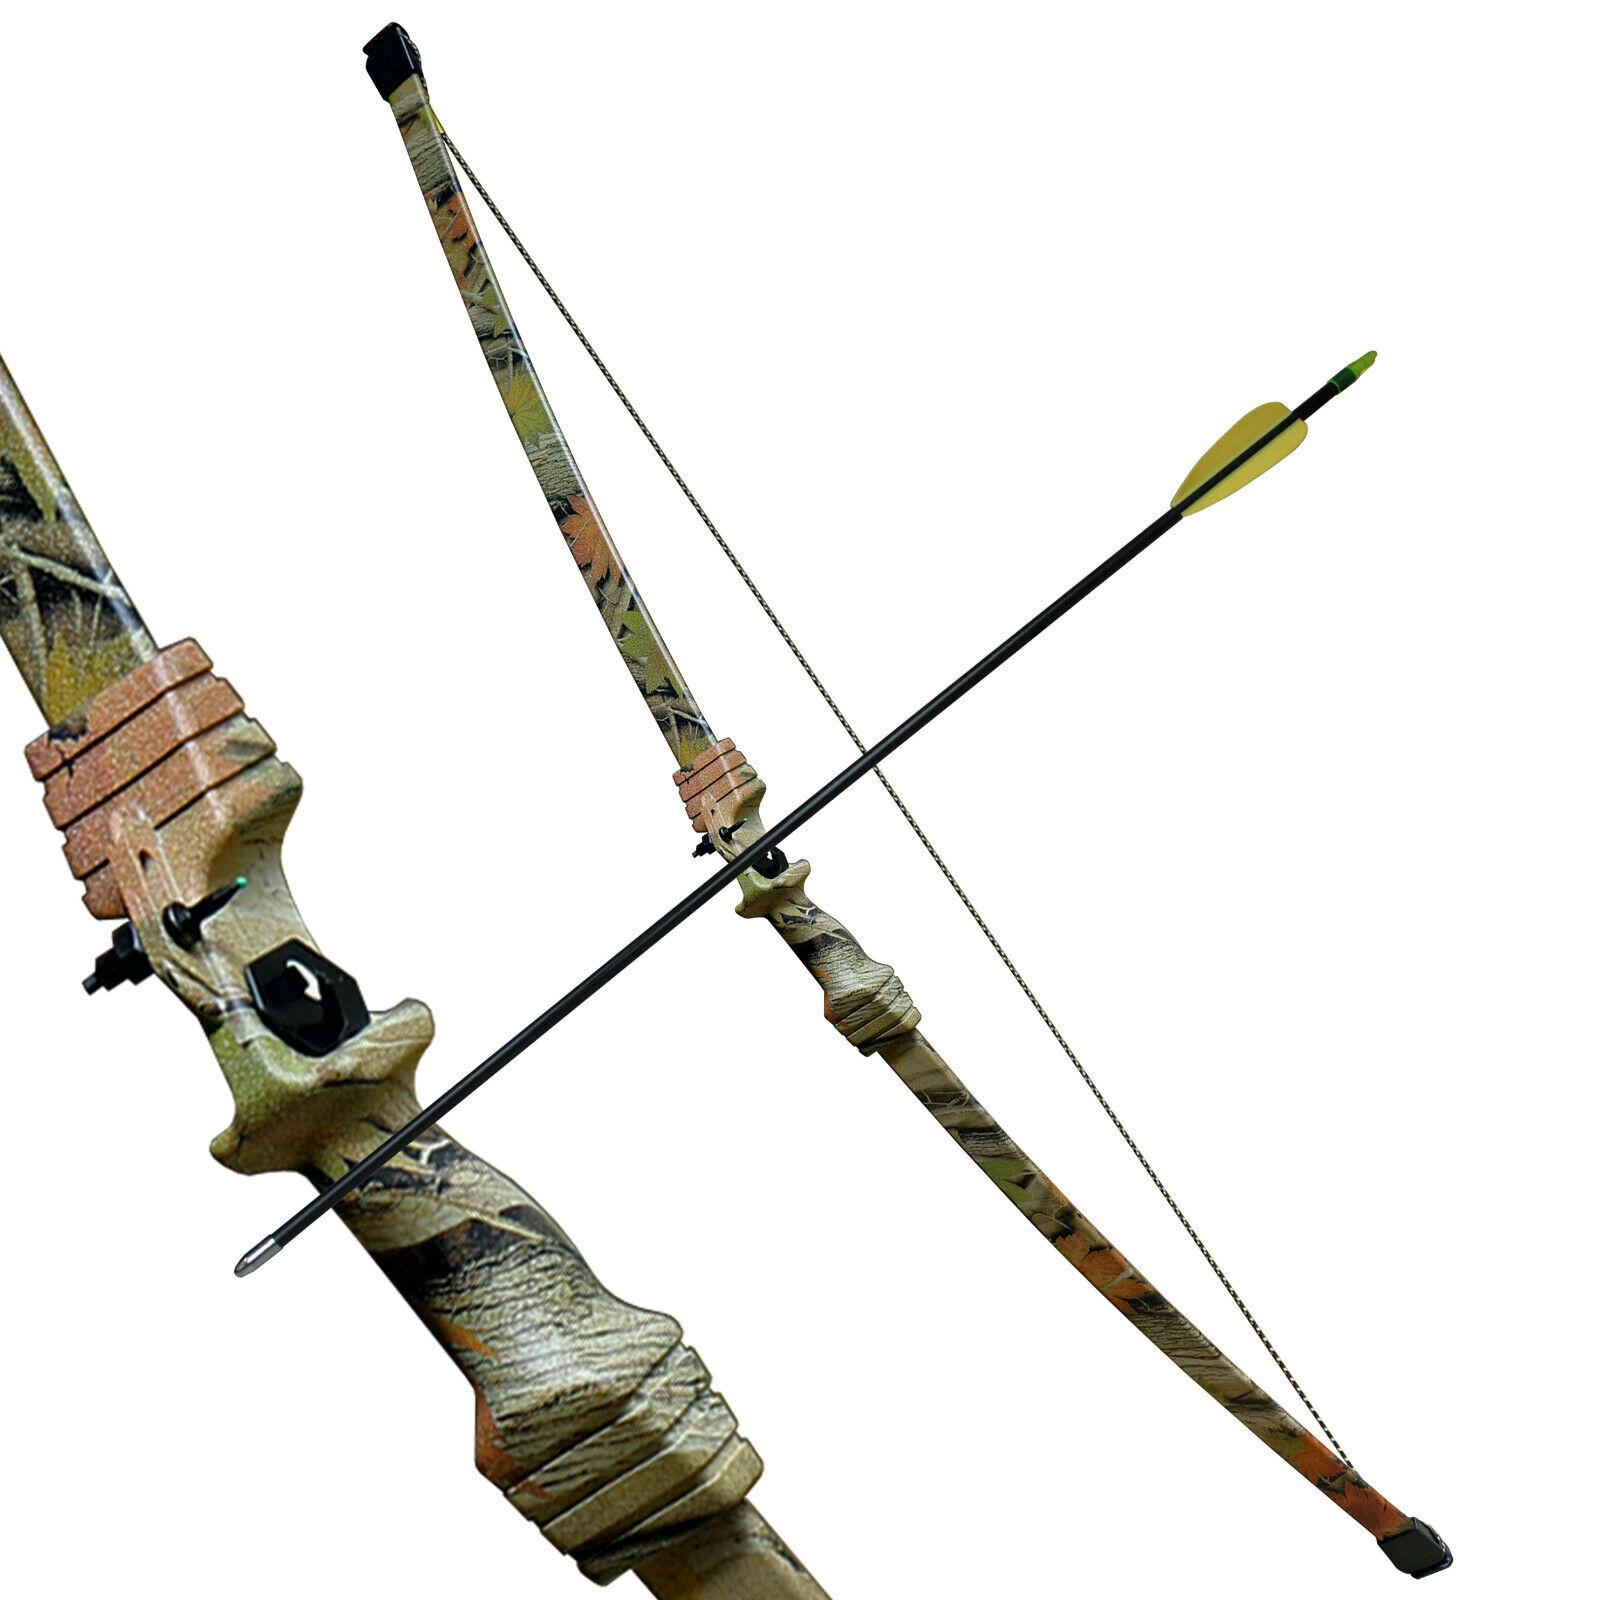 Haller juventud arco-set camo Design 15 libras con 2 flechas de fibra de vidrio y flecha Aljaba